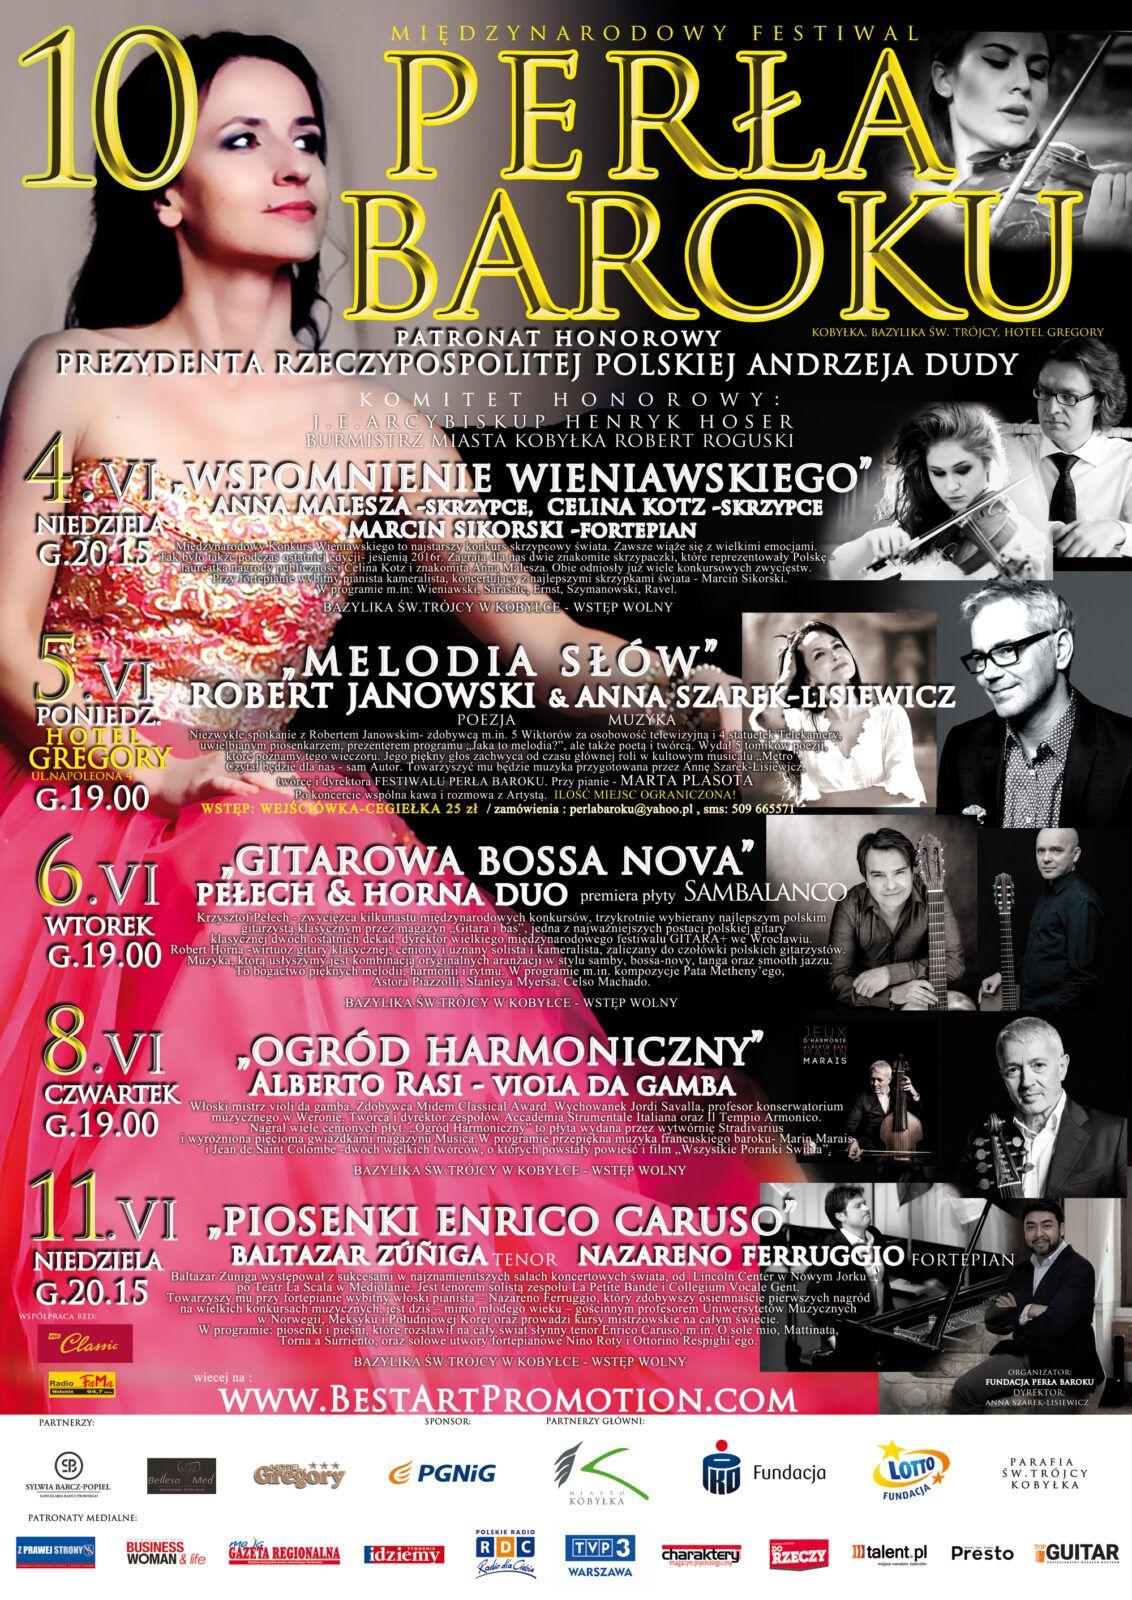 10 Międzynarodowy Festiwal Perła Baroku - Koncerty Mistrzów 2017 plakat